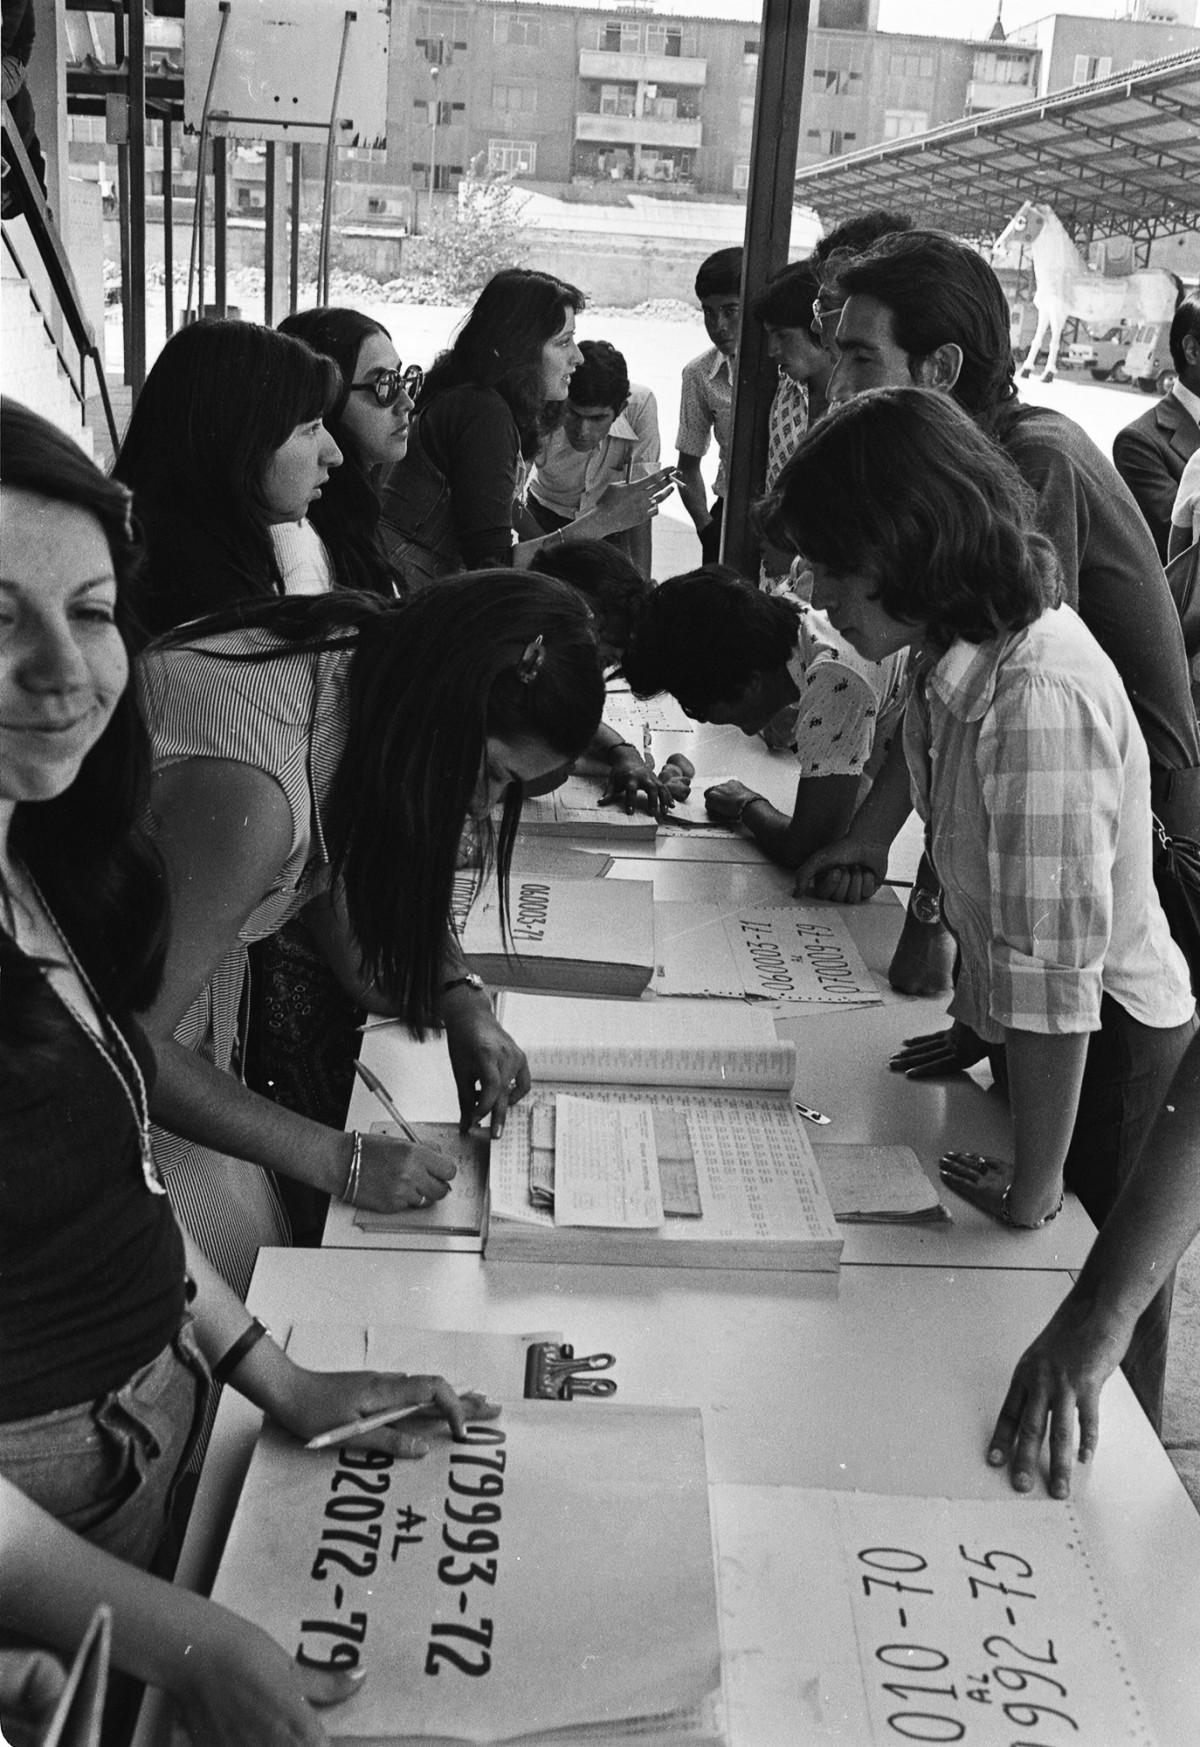 Esta imagen es resguardada por el Archivo Patrimonial de la Universidad de Santiago de Chile. Cualquier consulta acerca de las condiciones de uso y de propiedad, comunicarse a archivopatrimonial@usach.cl10:00